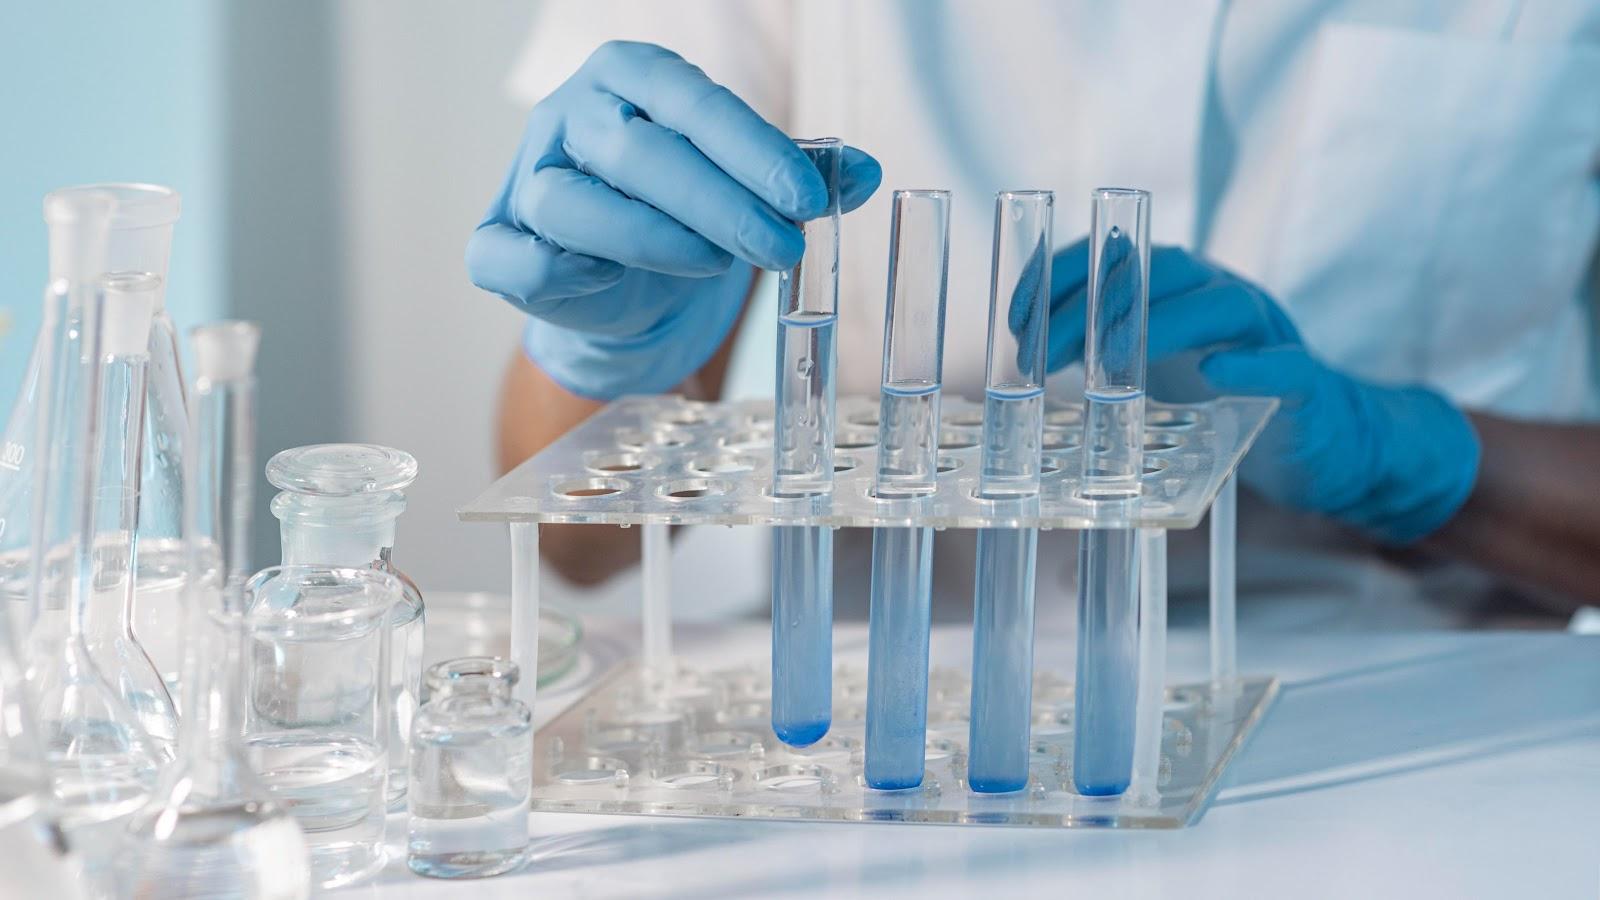 Imunizantes podem ser adaptados para novas cepas do vírus. (Fonte: Freepik)